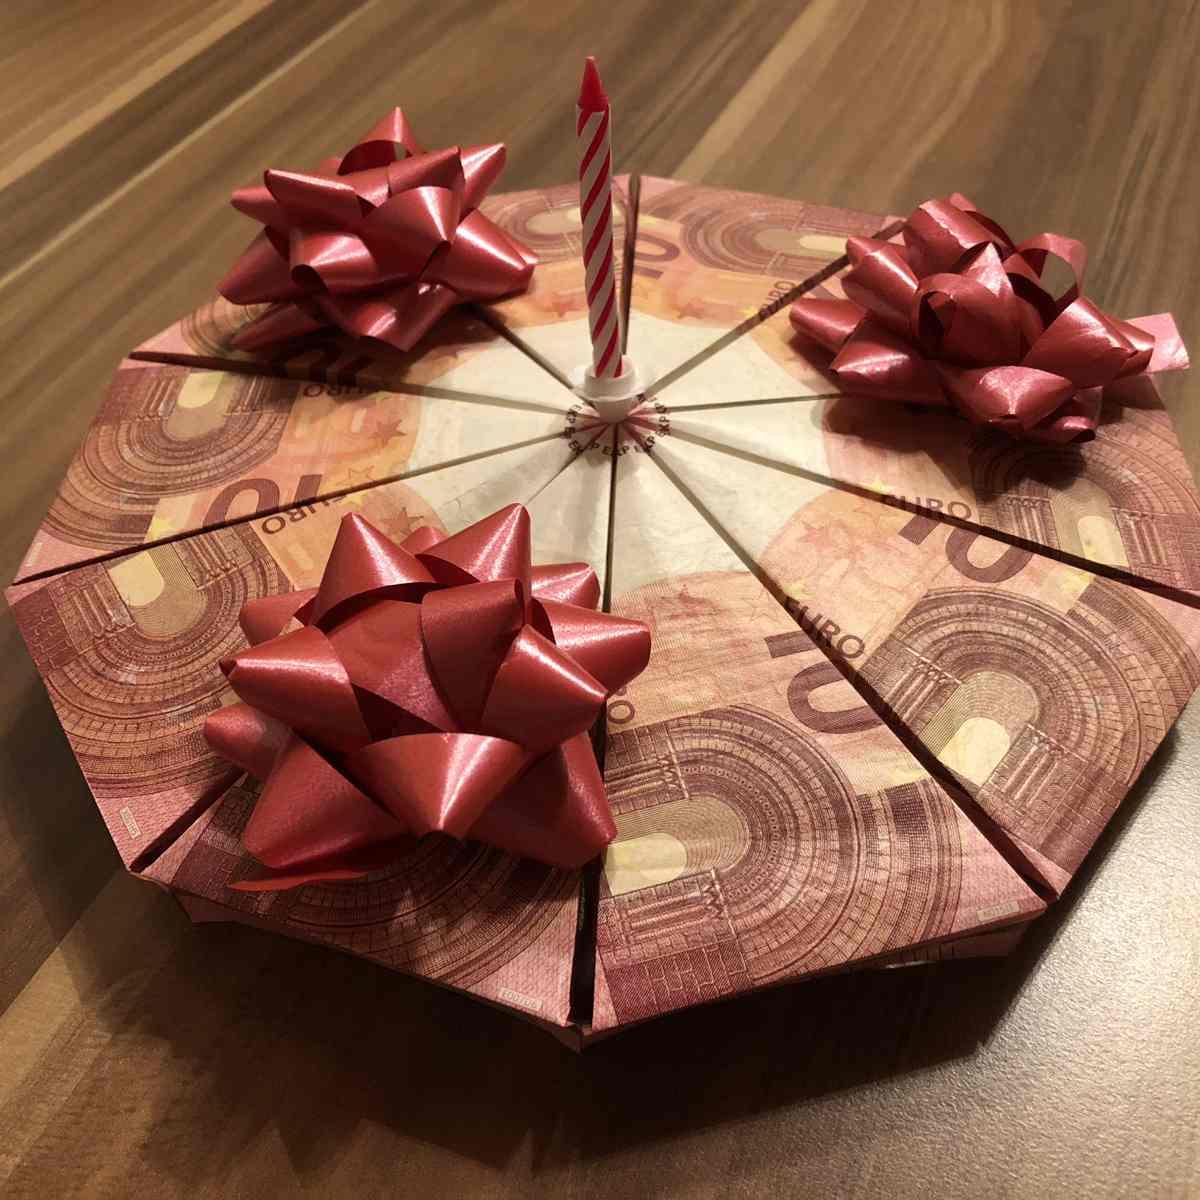 Anleitung Geldgeschenk Torte Basteln - Mama Maus Blog bei Geldgeschenke Geburtstag 60 Basteln